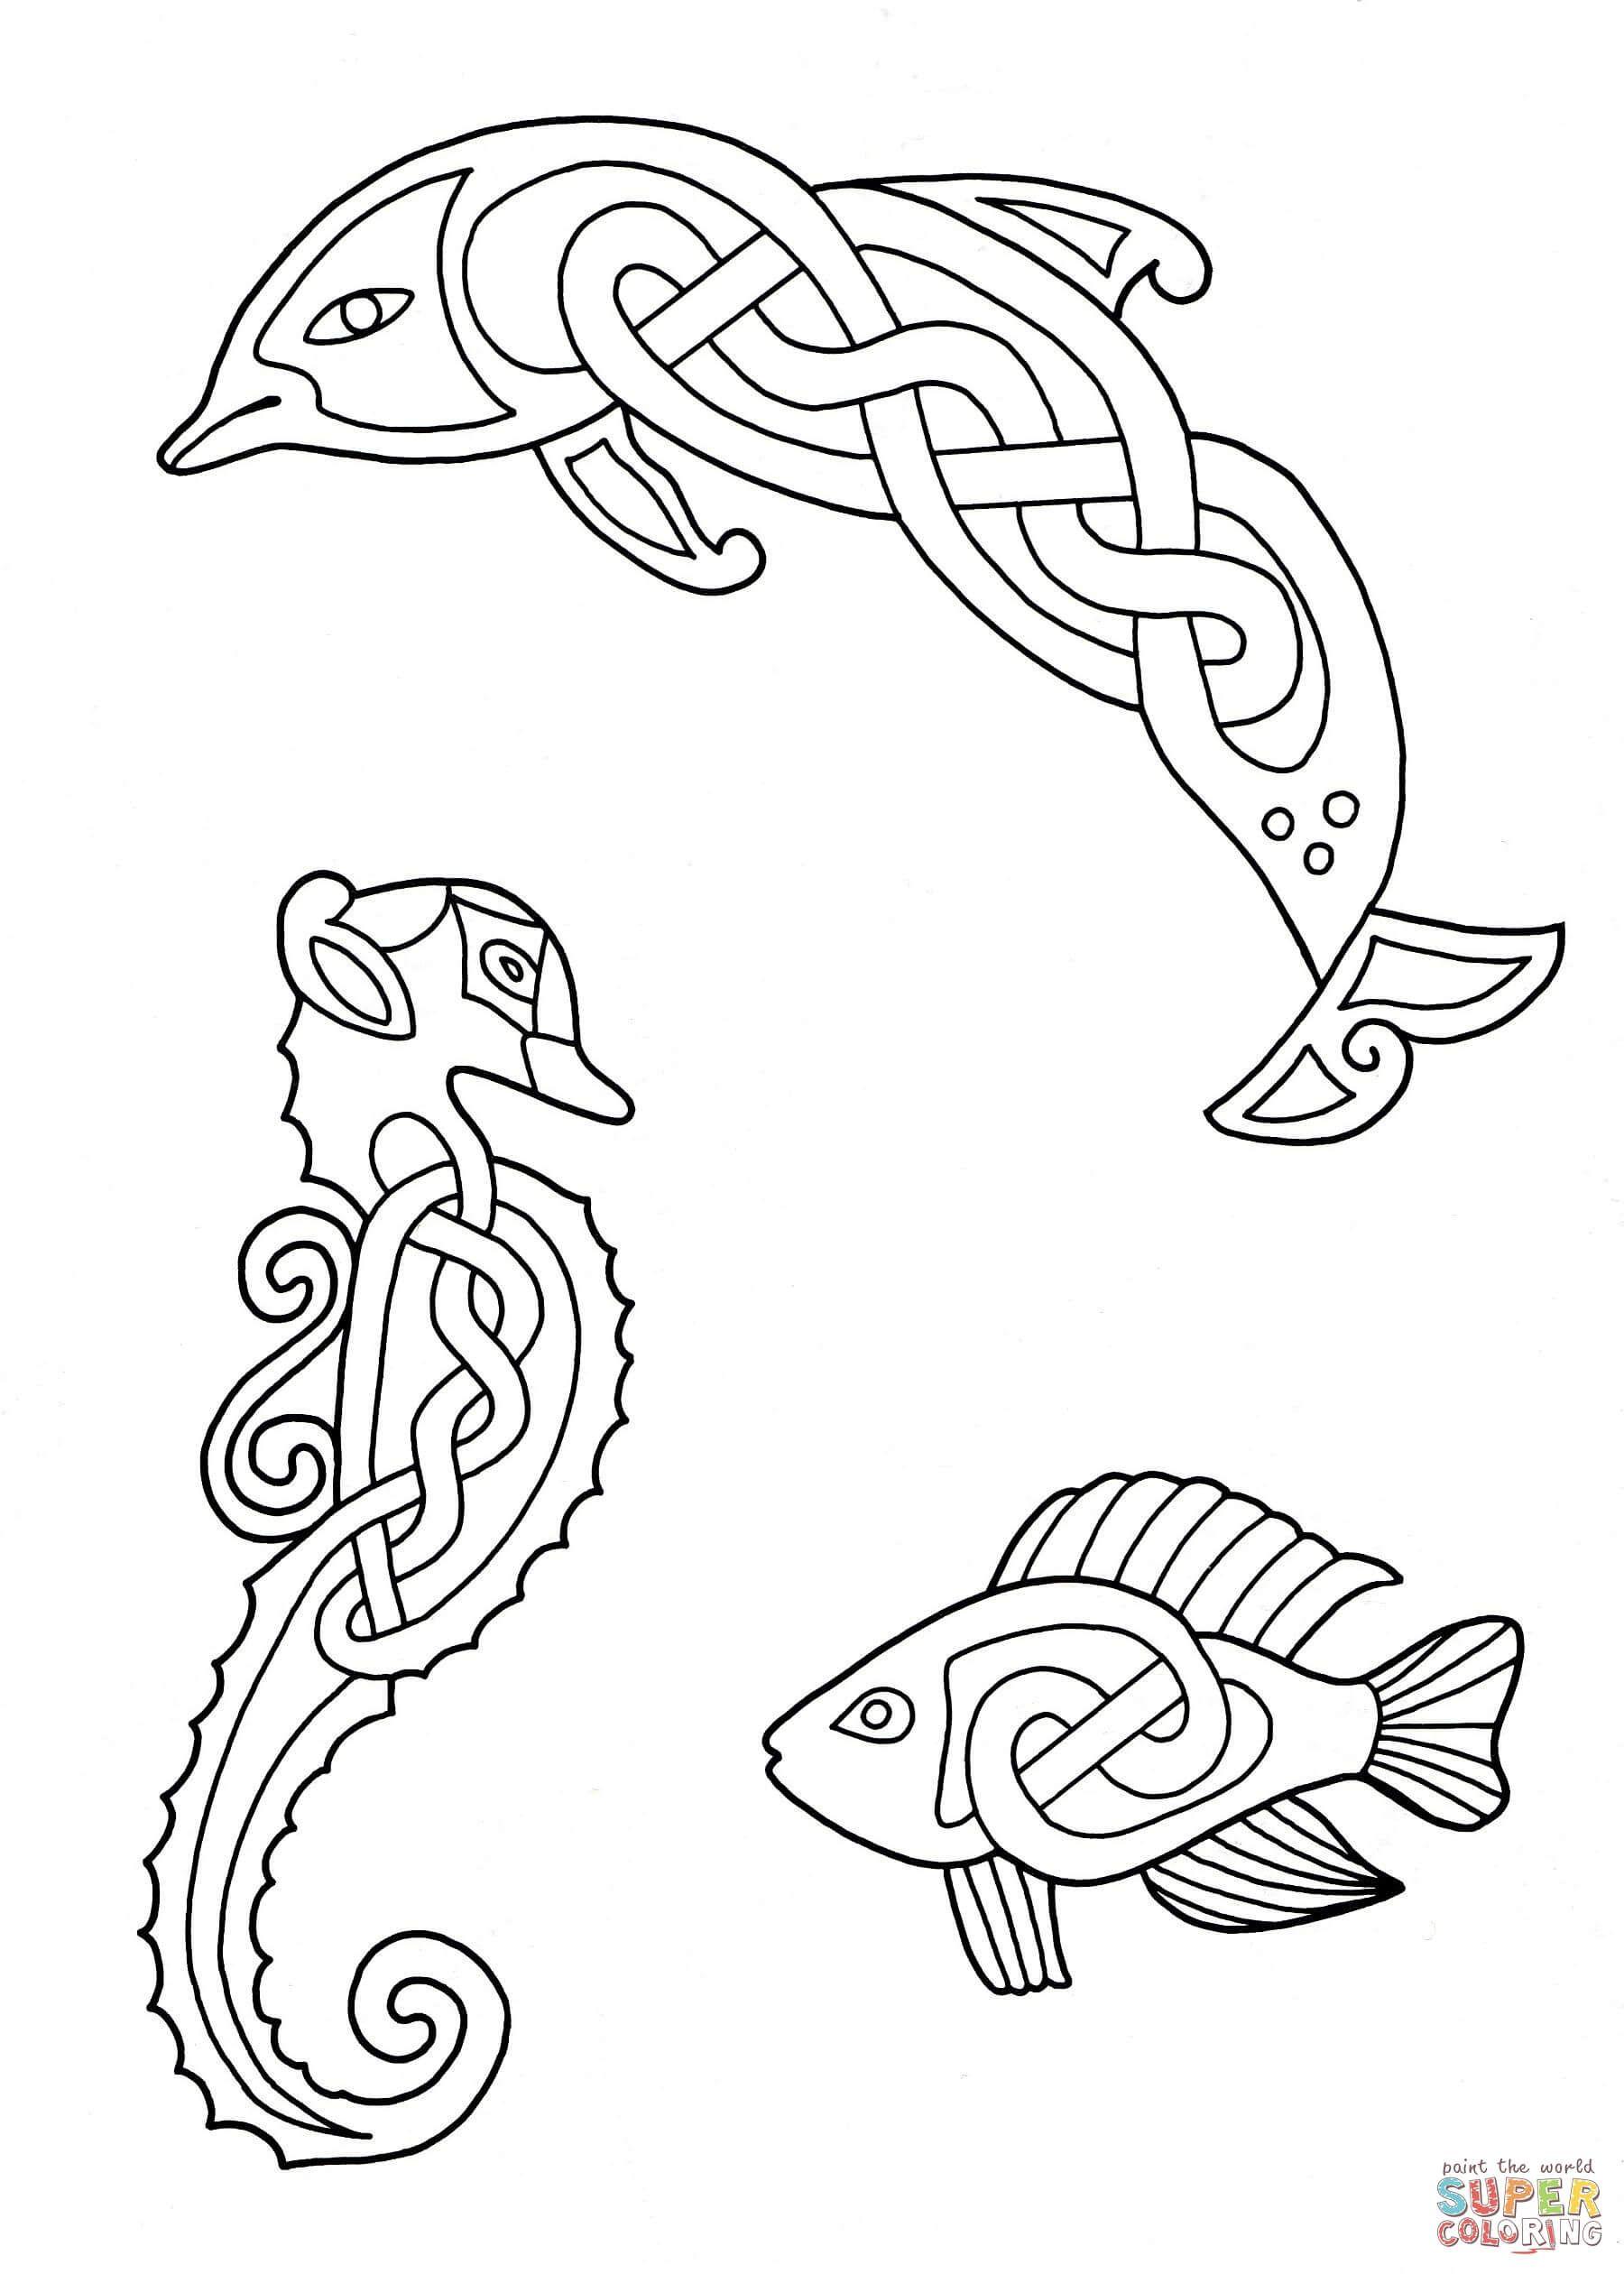 Más Animales, diseño celta | Super Coloring | Tatto | Pinterest ...